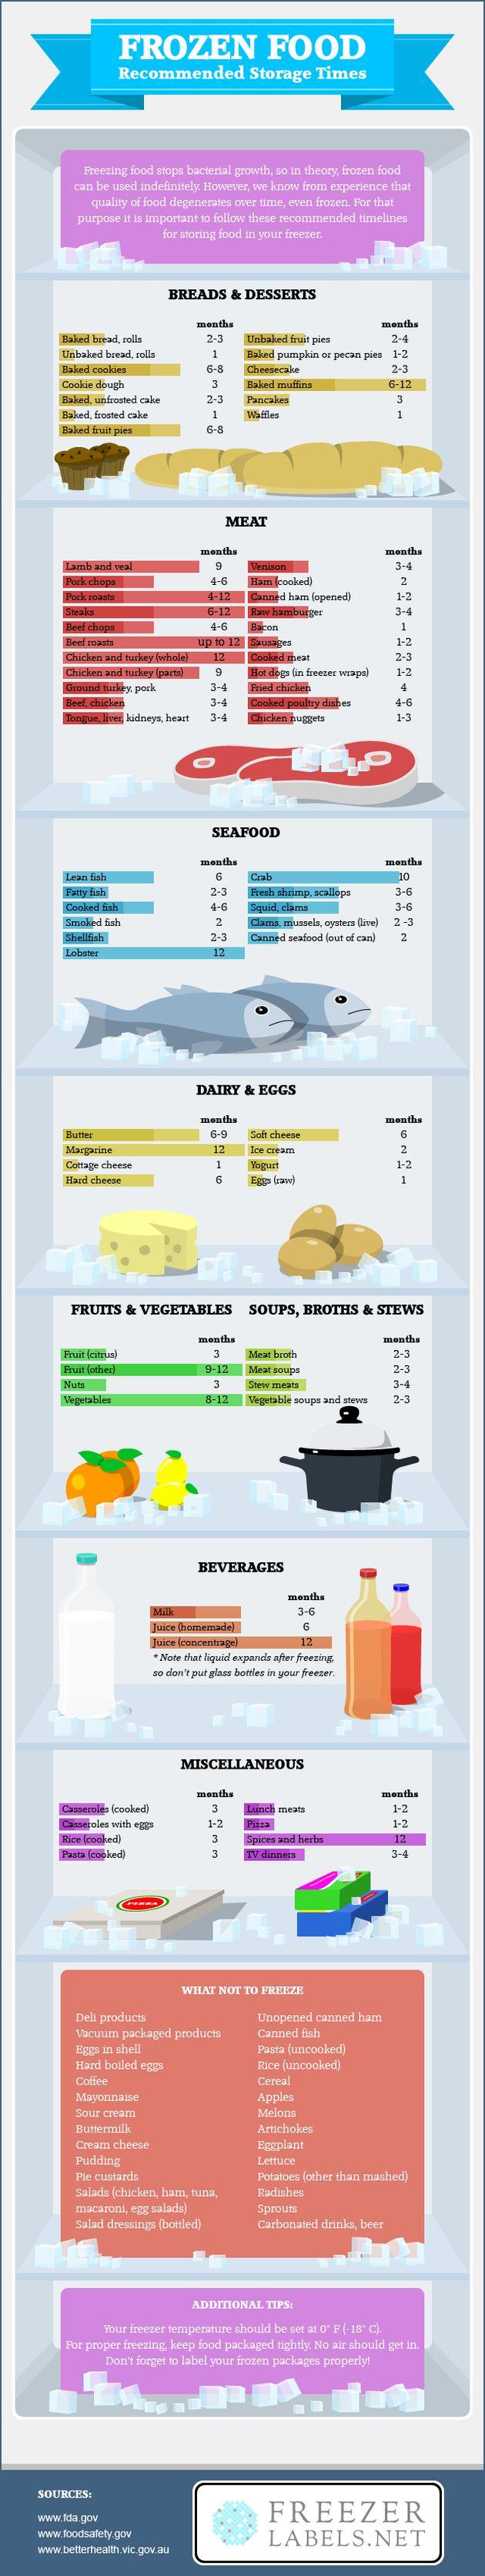 Ecco per quanto tempo puoi congelare il cibo prima che vada a